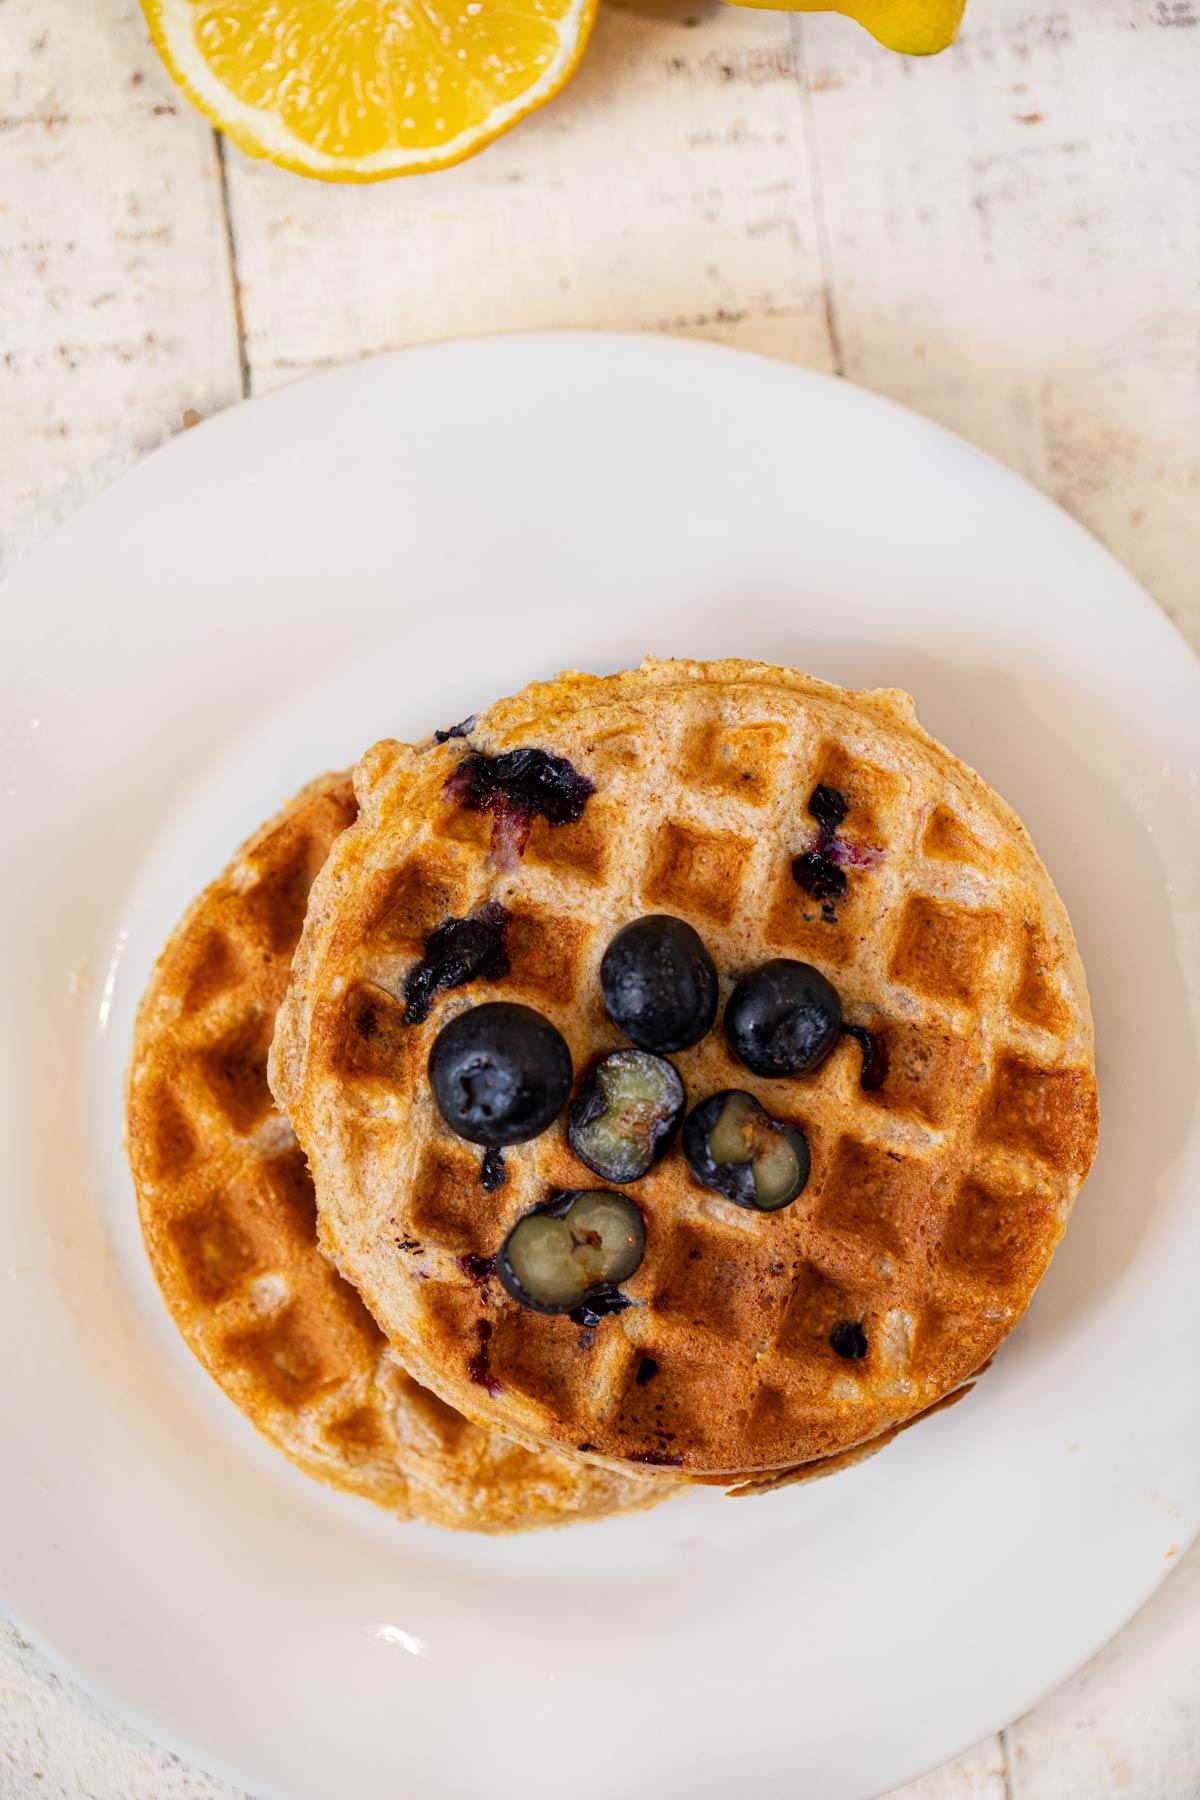 Whole Wheat Yogurt Blueberry Waffles on plate